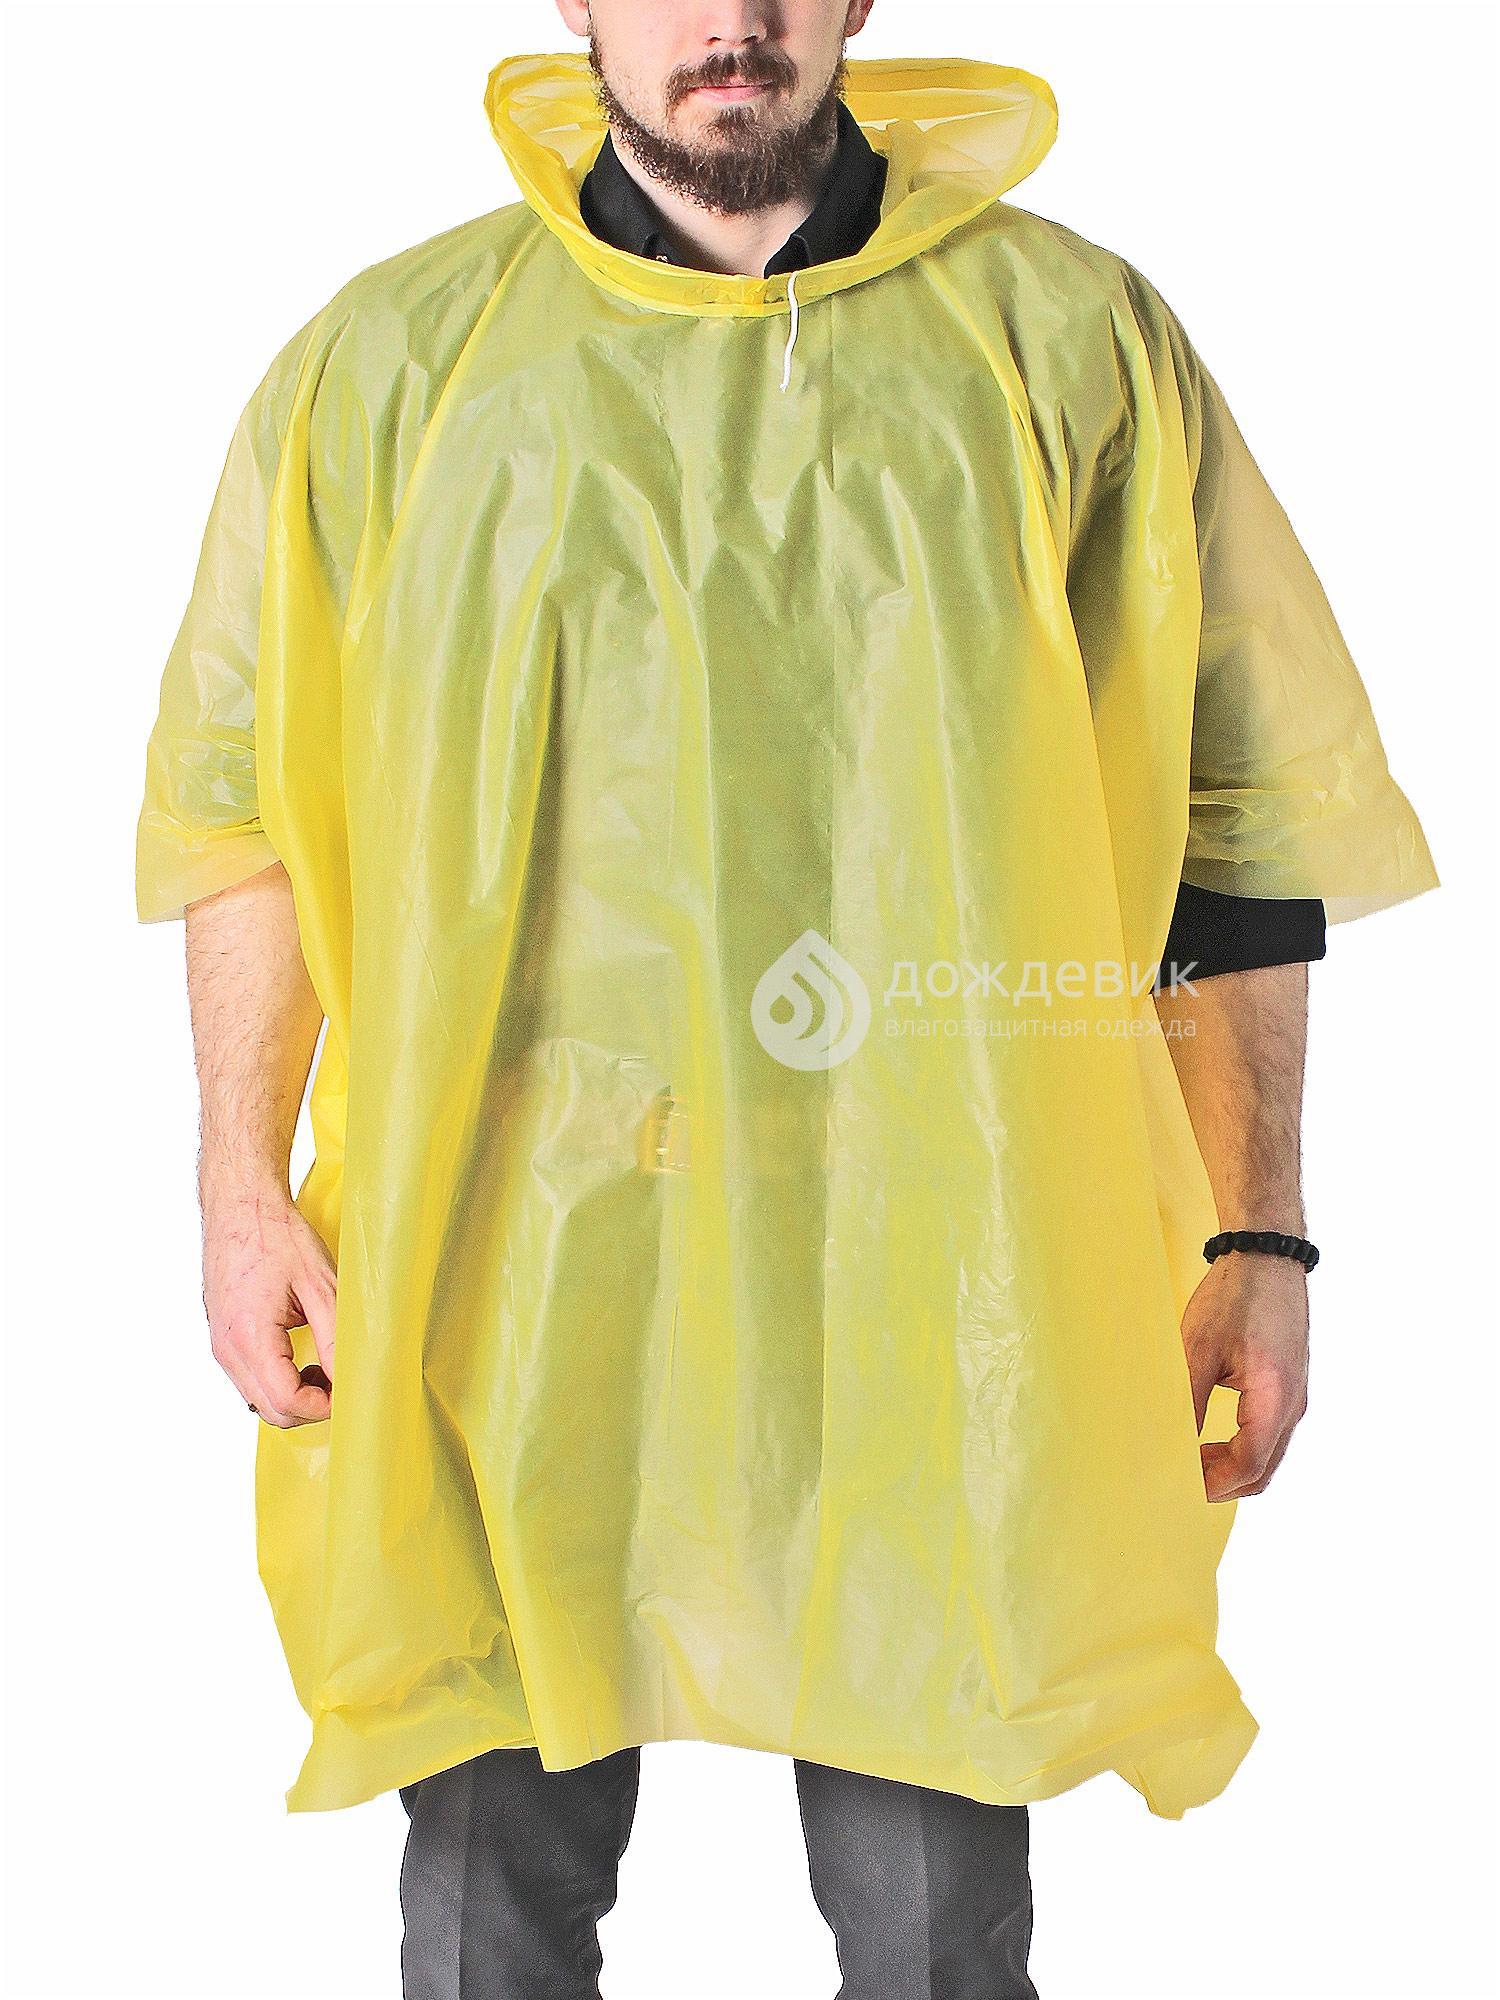 Плащ-дождевик пончо многоразовый жёлтый